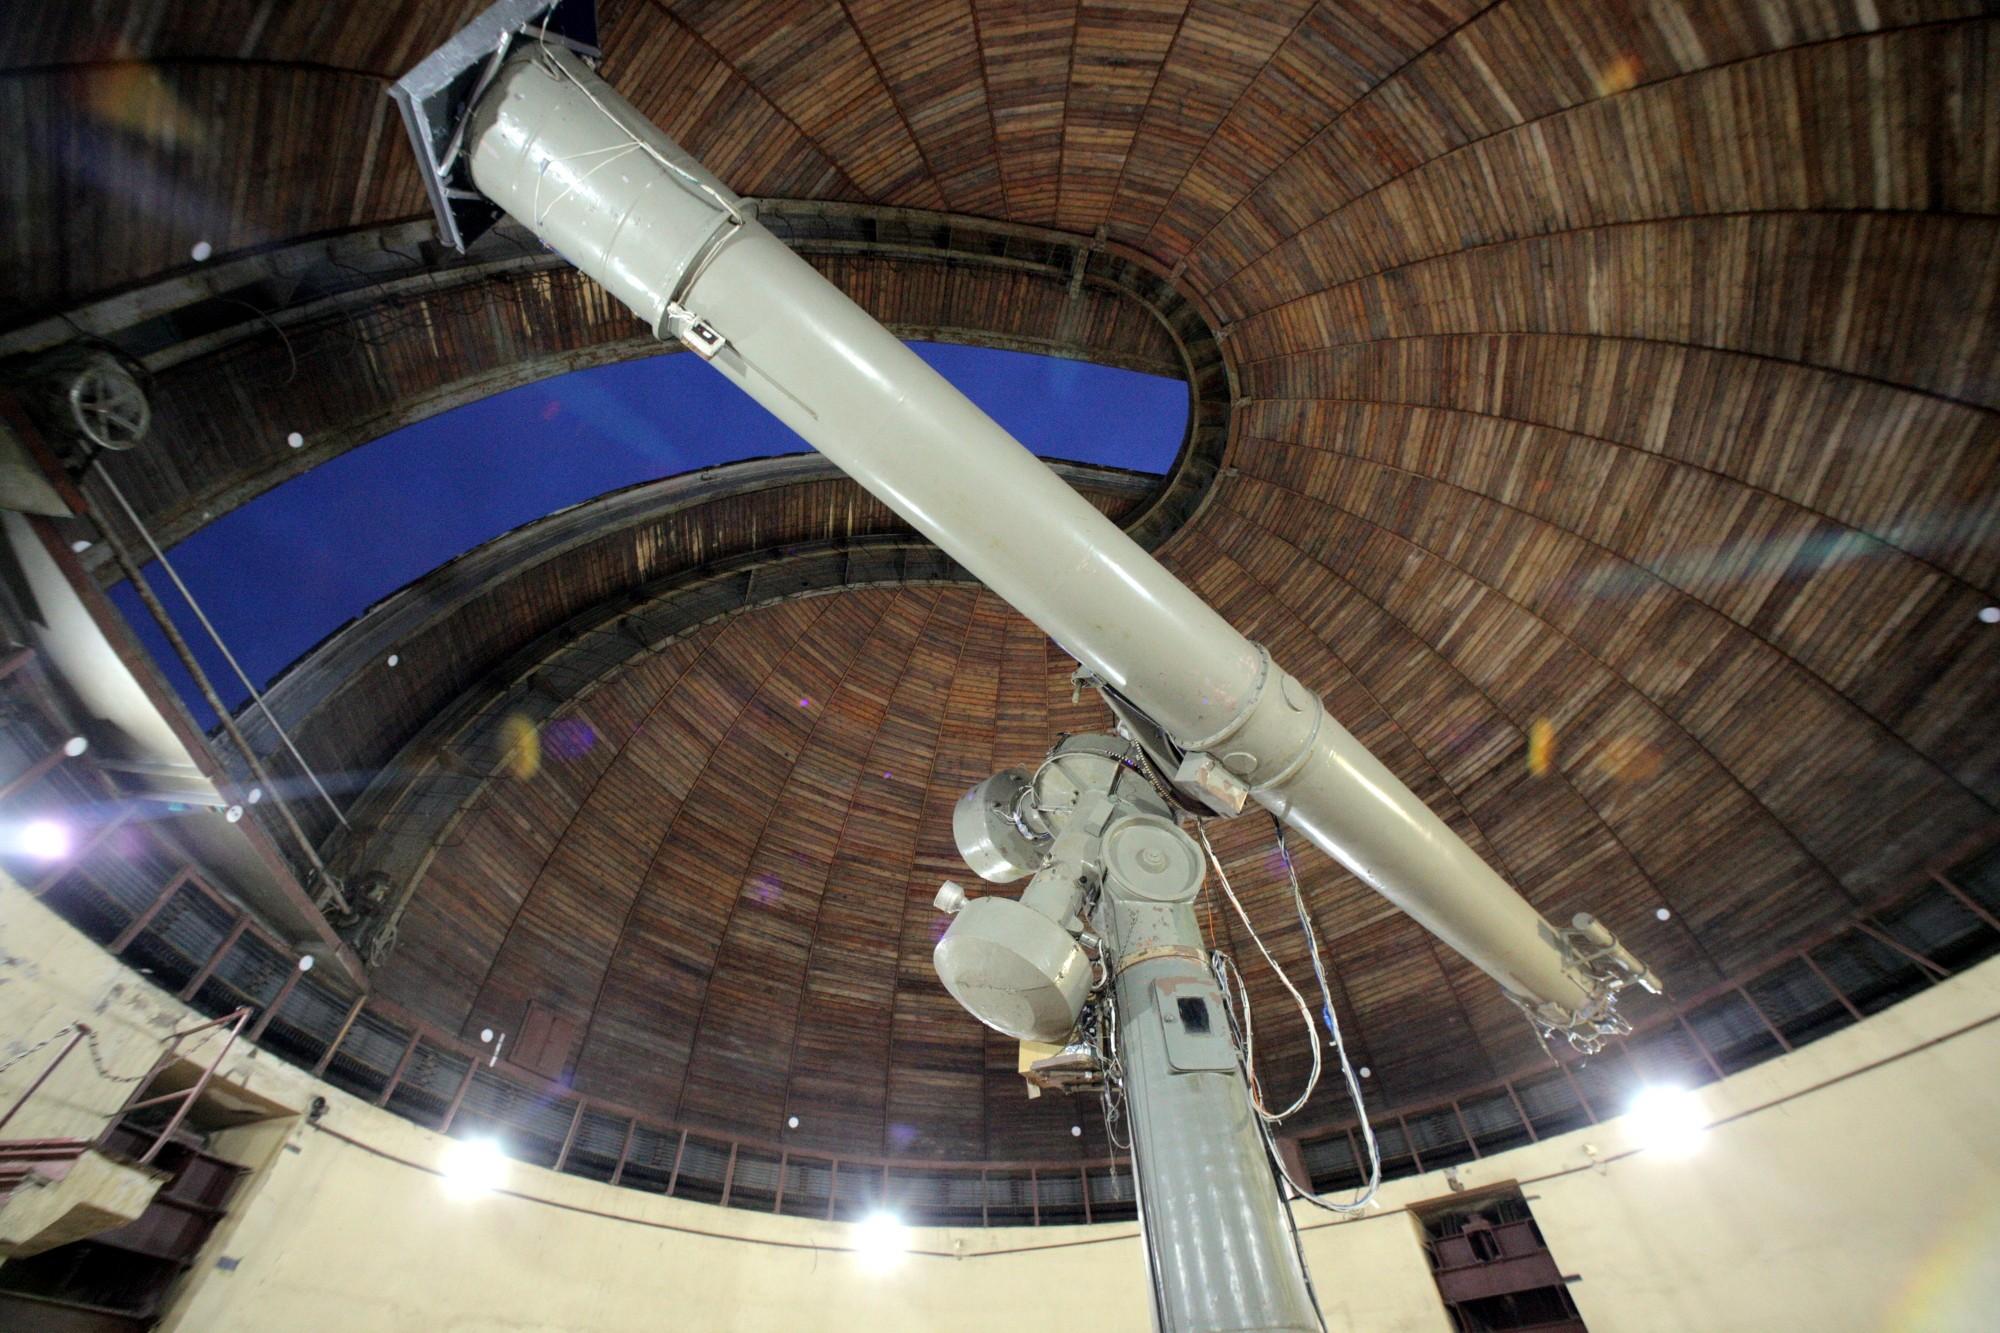 Пулковская обсерватория 26-дюймовый рефрактор телескоп астрономия